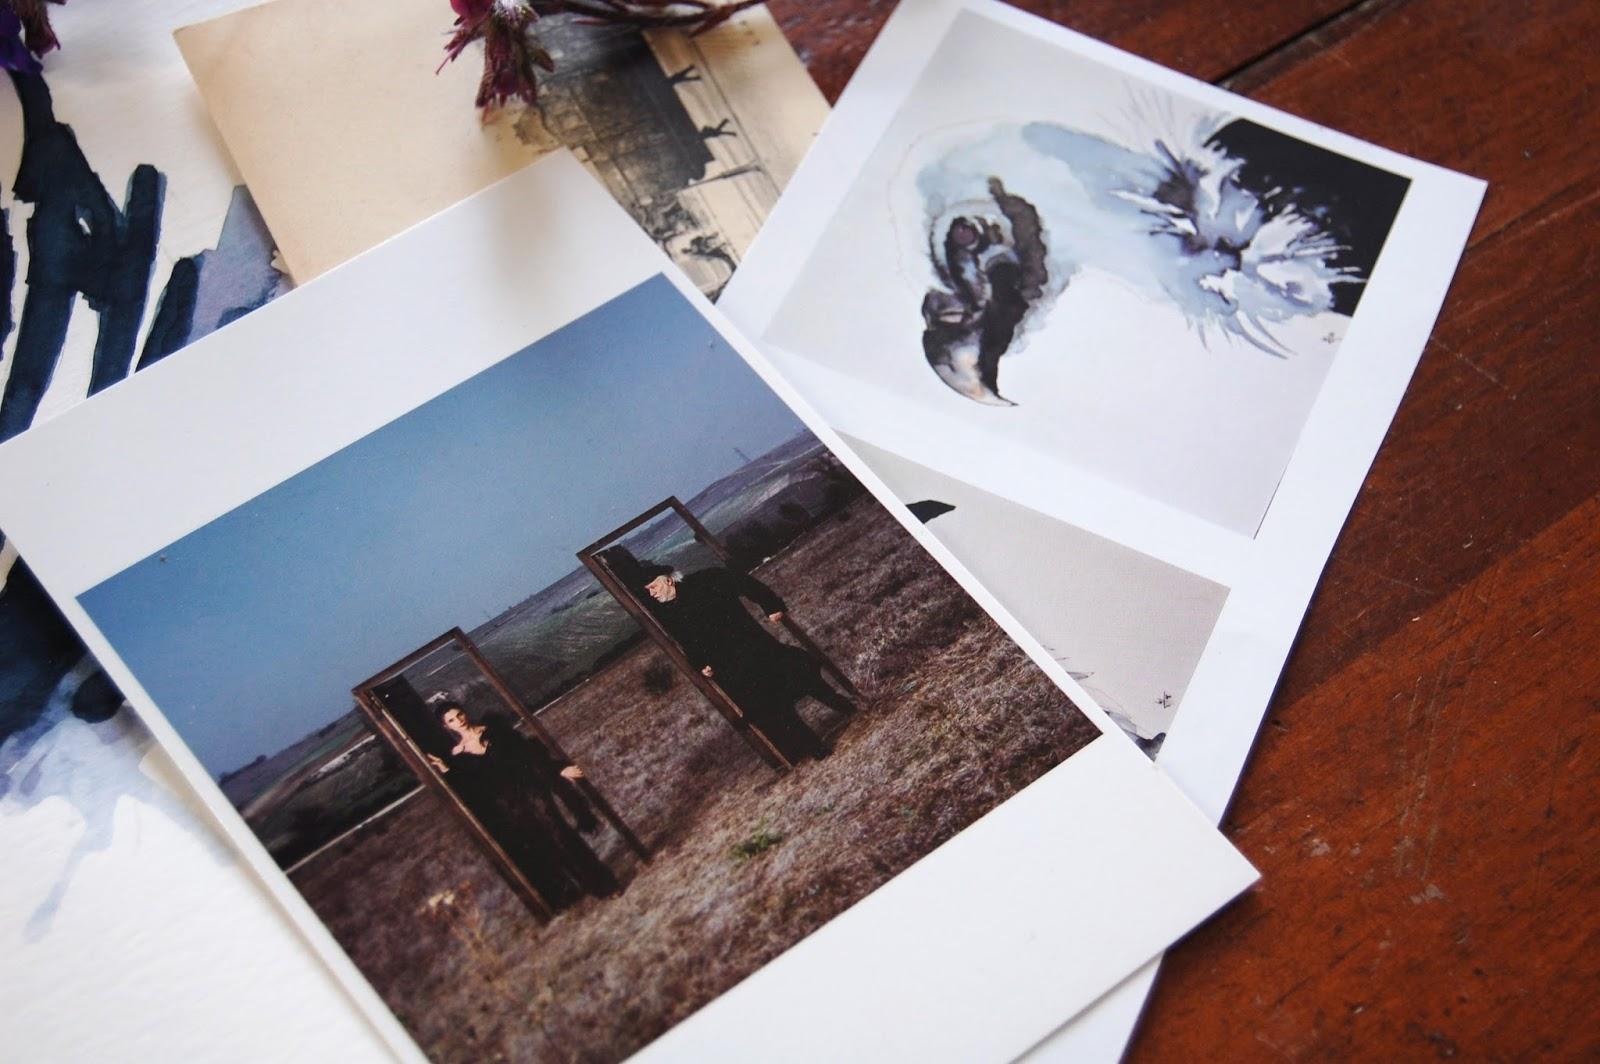 ilustracion-acuarela-cebra-animales-lorraine-blackbird